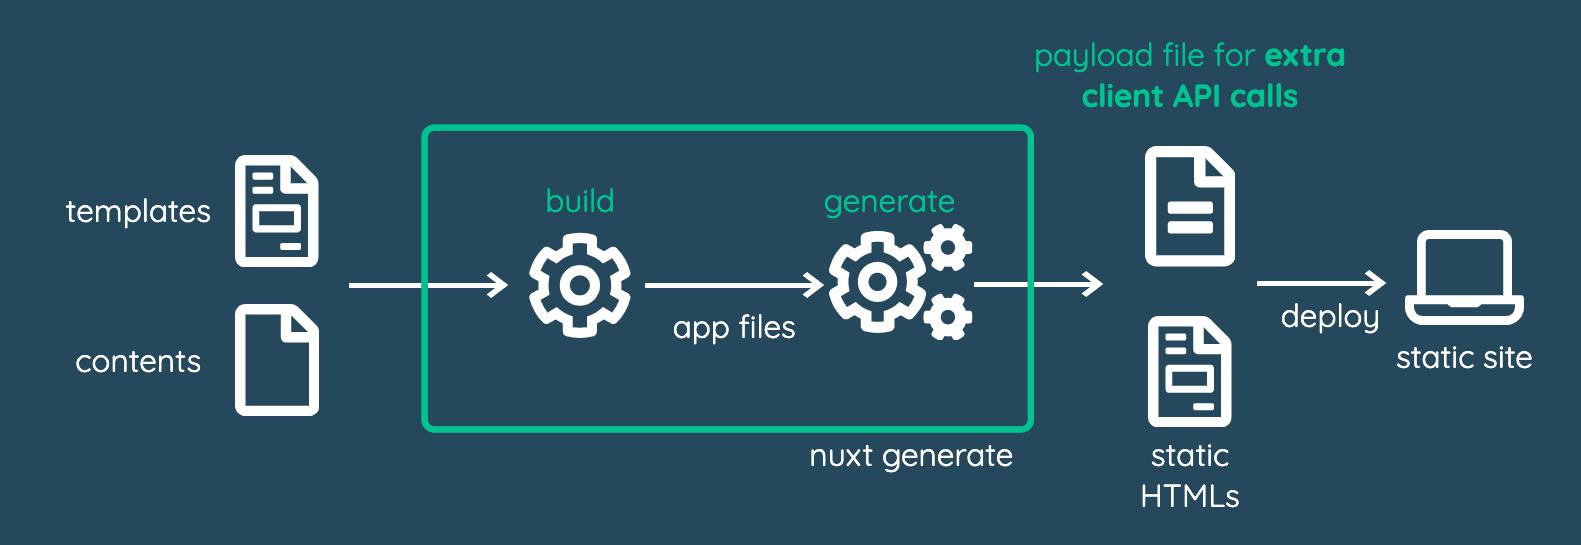 Build process breakdown